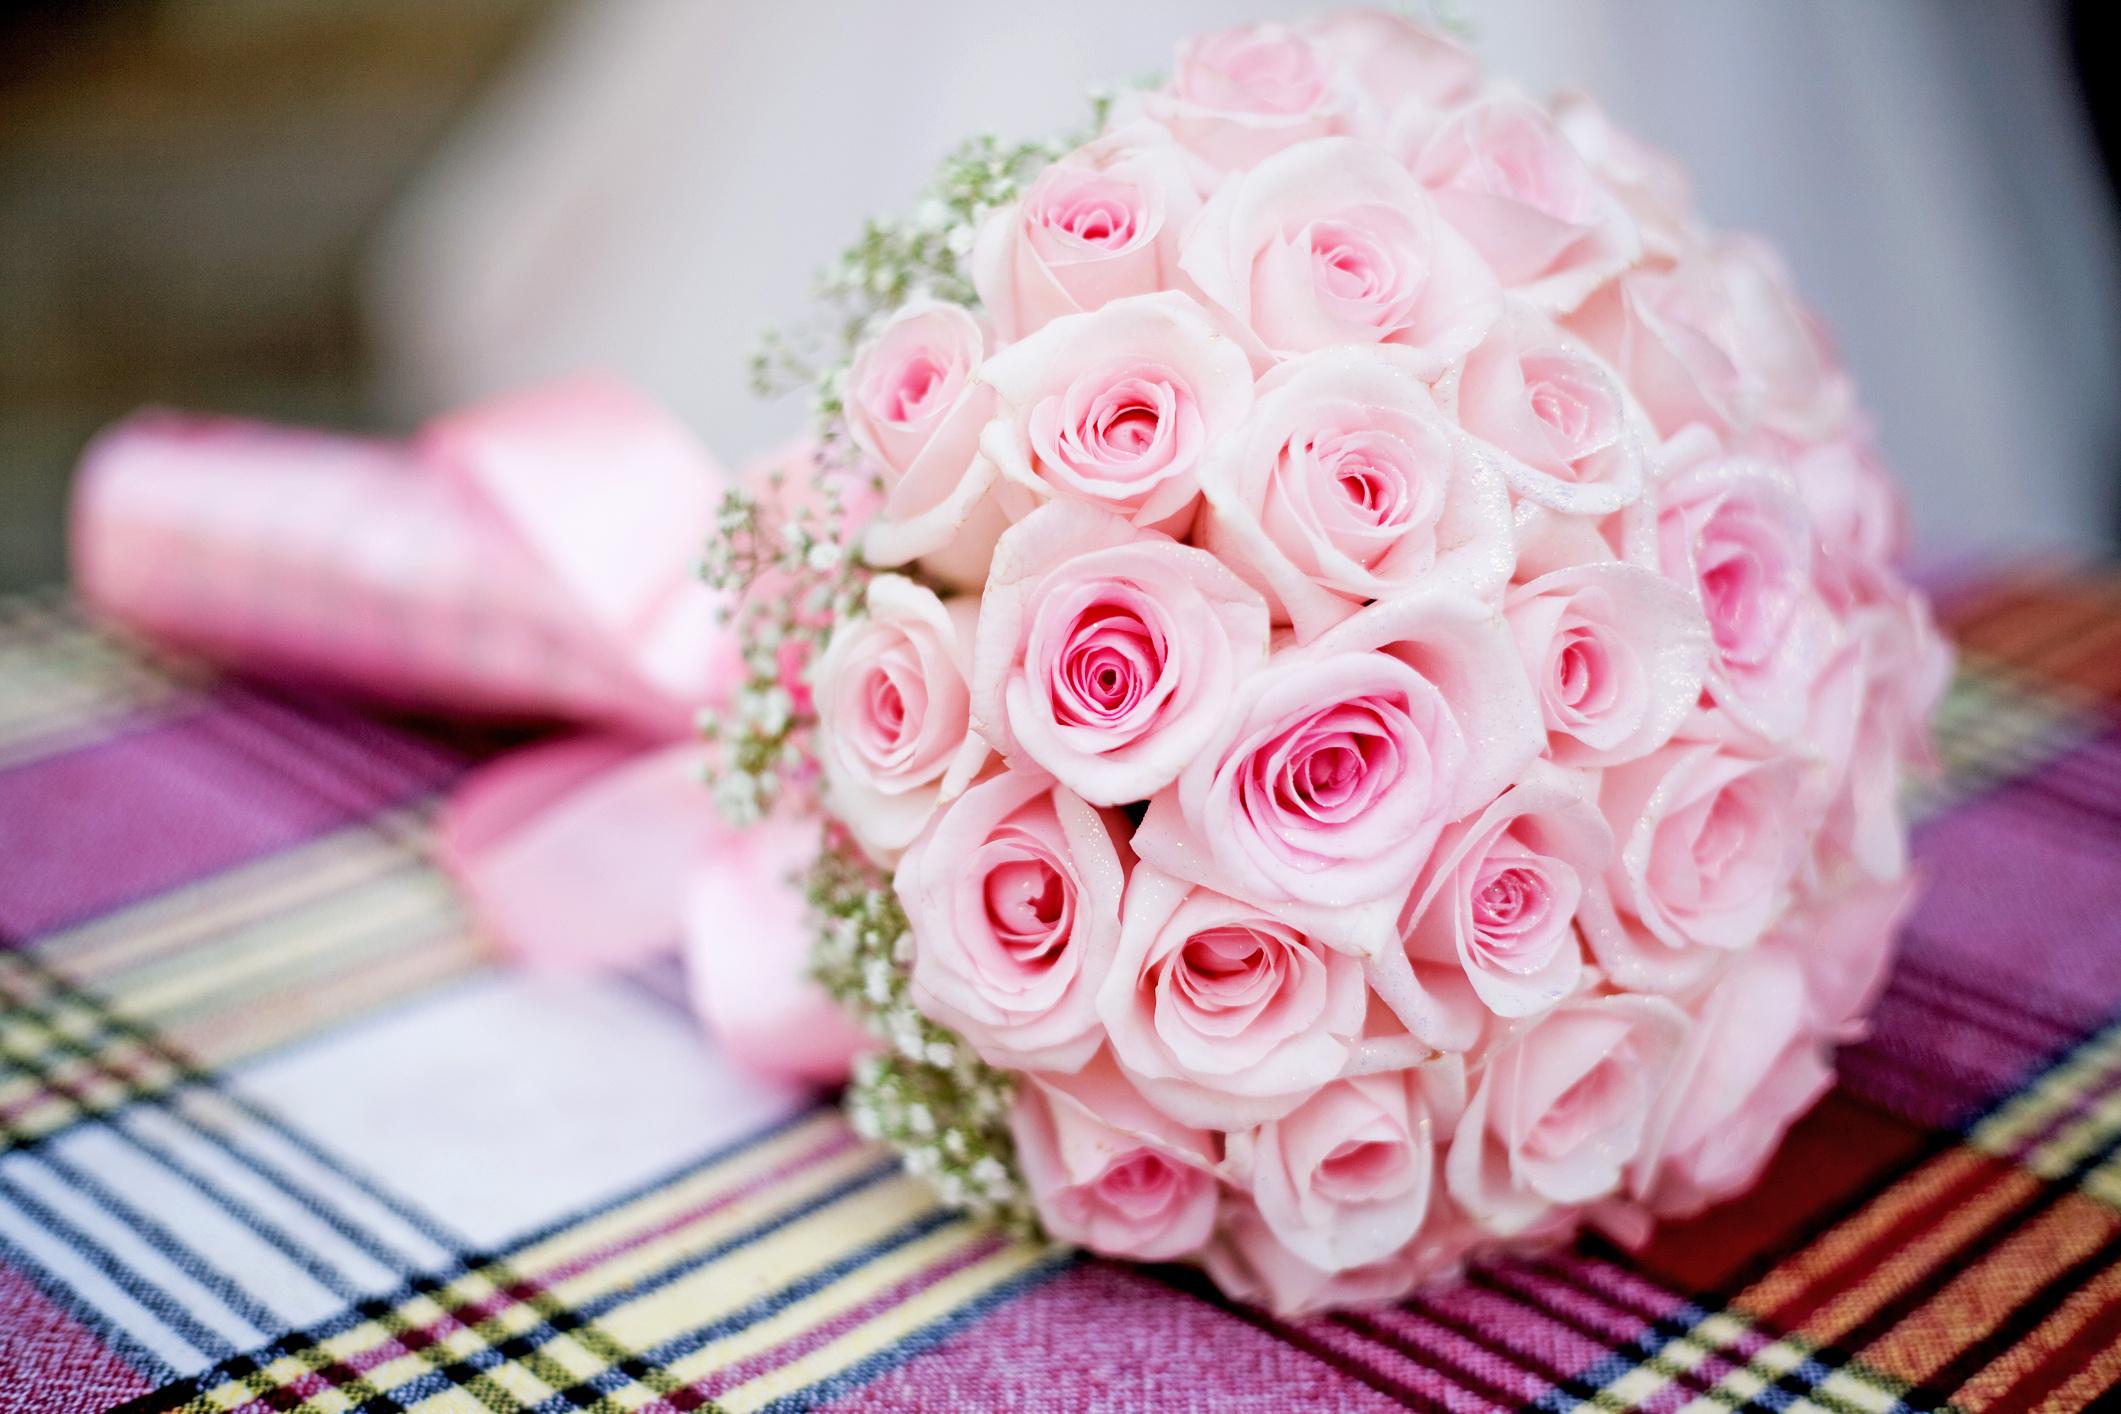 Открытка с розами в день свадьбы